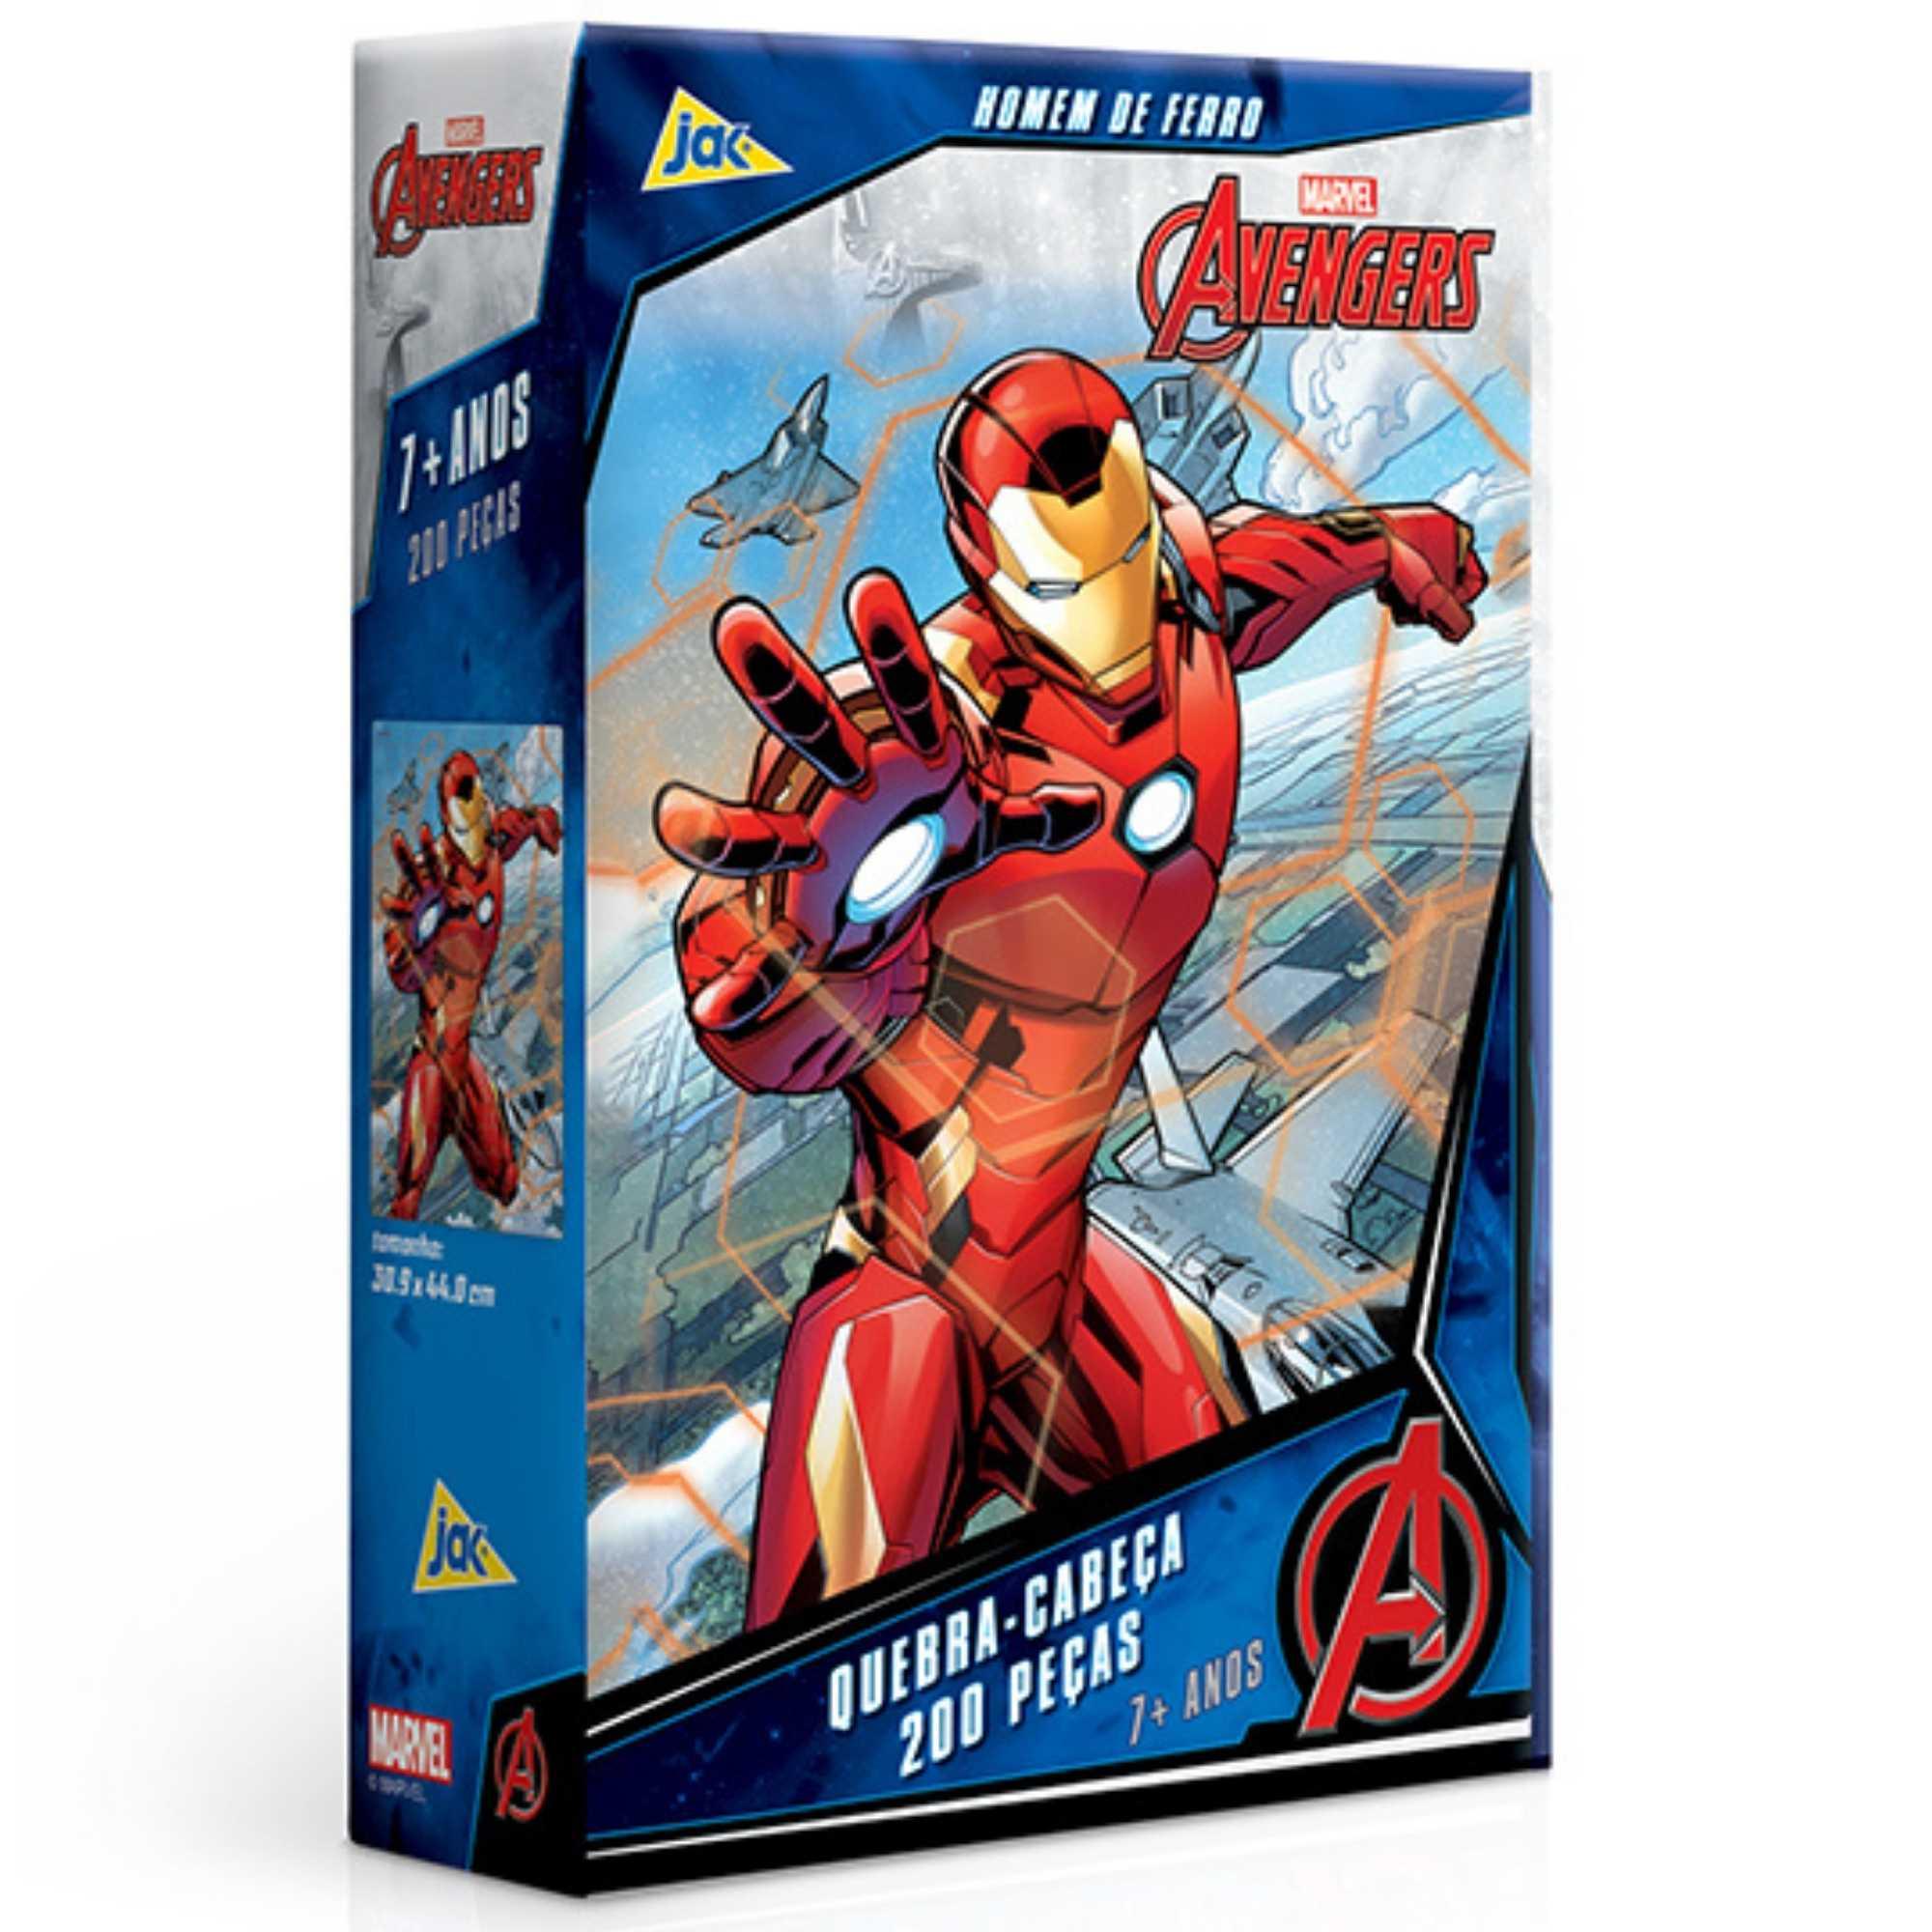 Quebra-Cabeça Os Vingadores Homem de Ferro 200 peças - Jak